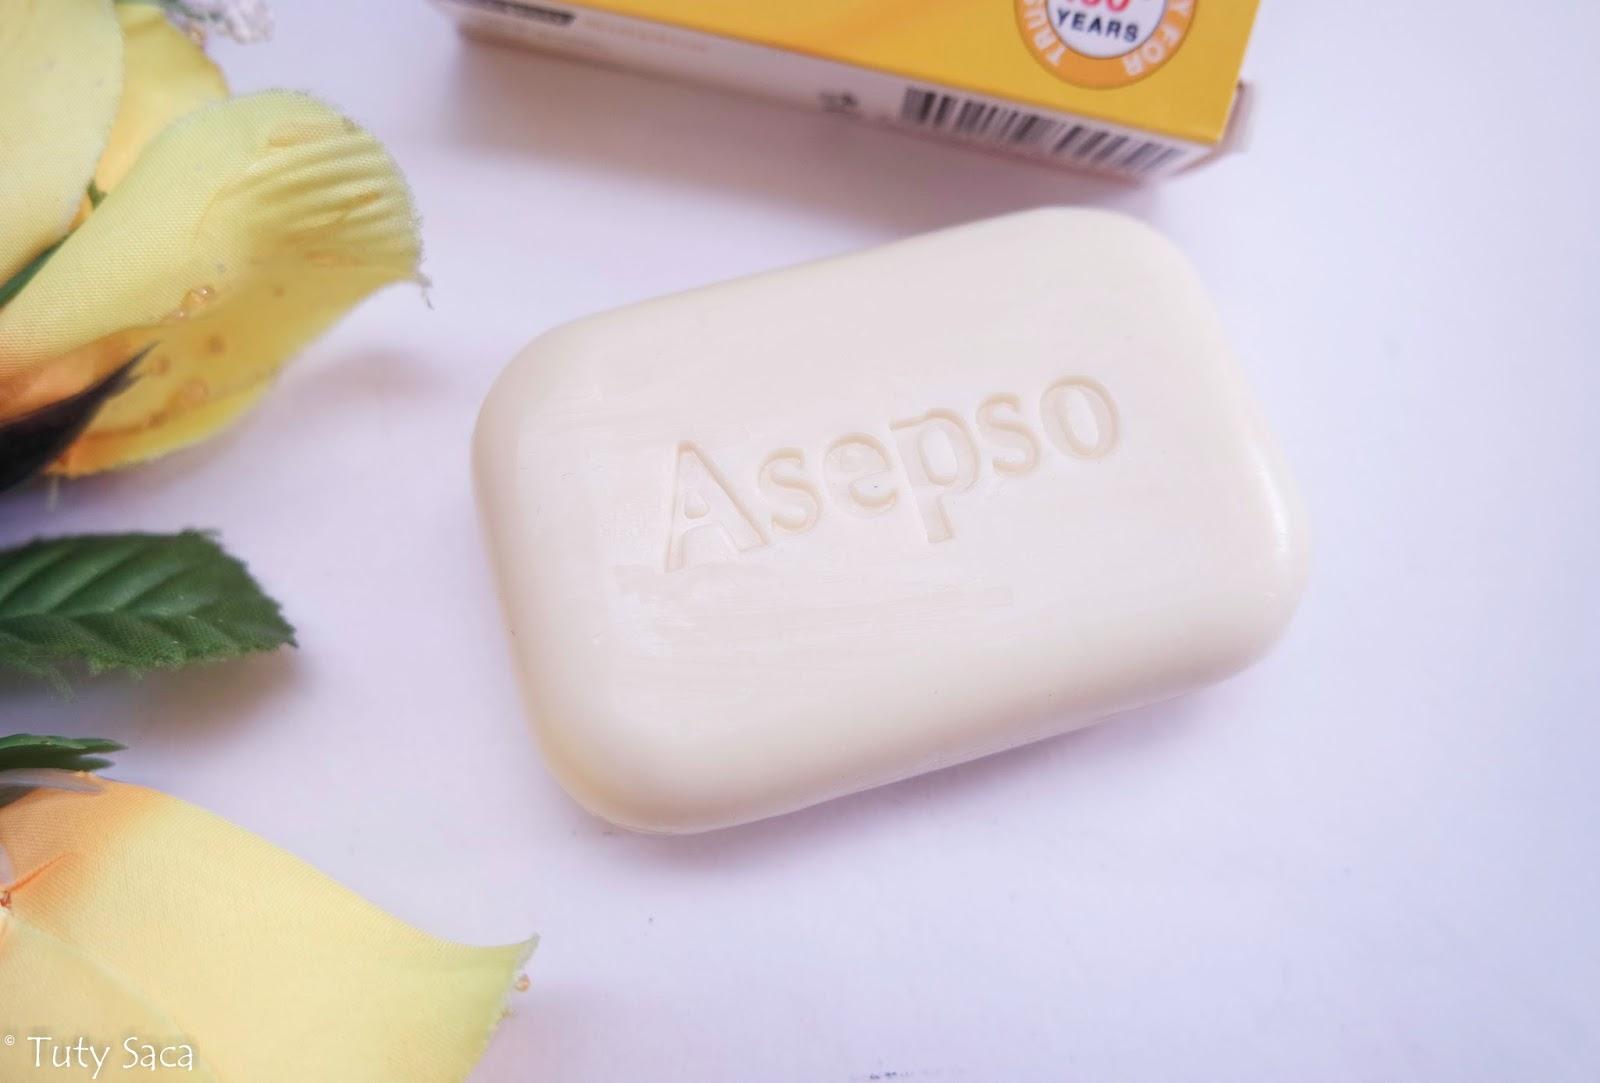 Tuty Saca Asepso Sabun Jerawat Sulfur Plus Antiseptic Soap Setelah Pemakaian 2 Bulan